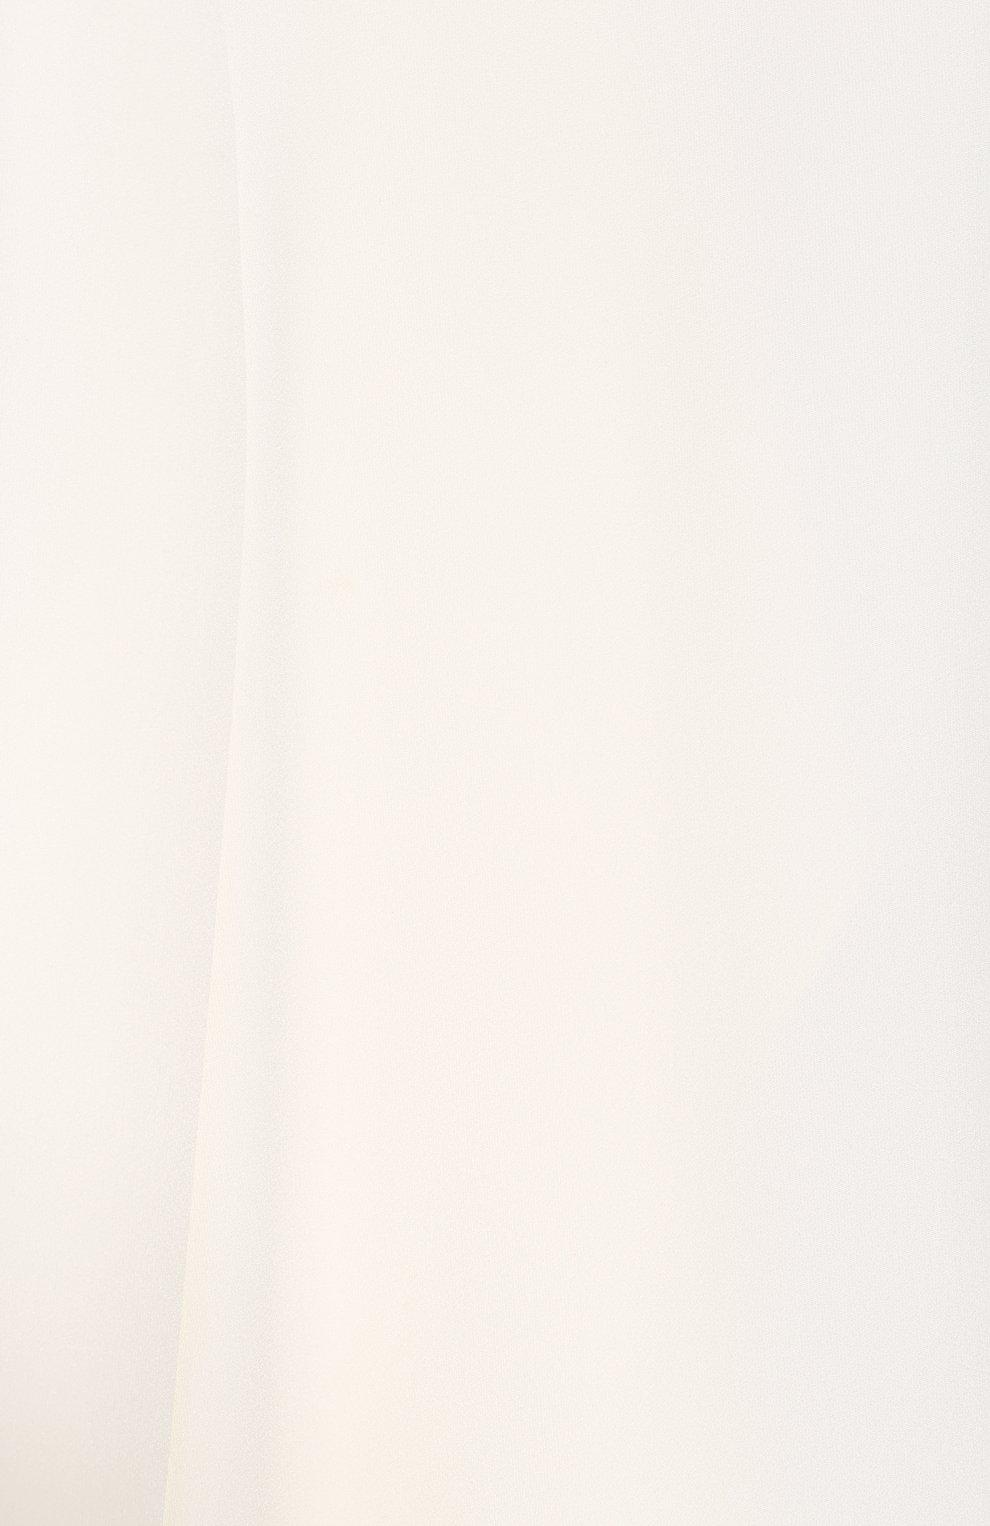 Женская блузка ADAM LIPPES белого цвета, арт. R20117SB   Фото 5 (Рукава: Длинные; Принт: Без принта; Материал внешний: Синтетический материал; Длина (для топов): Стандартные; Стили: Классический; Силуэт Ж (для верхов): Приталенный; Женское Кросс-КТ: Блуза-одежда; Статус проверки: Проверена категория)